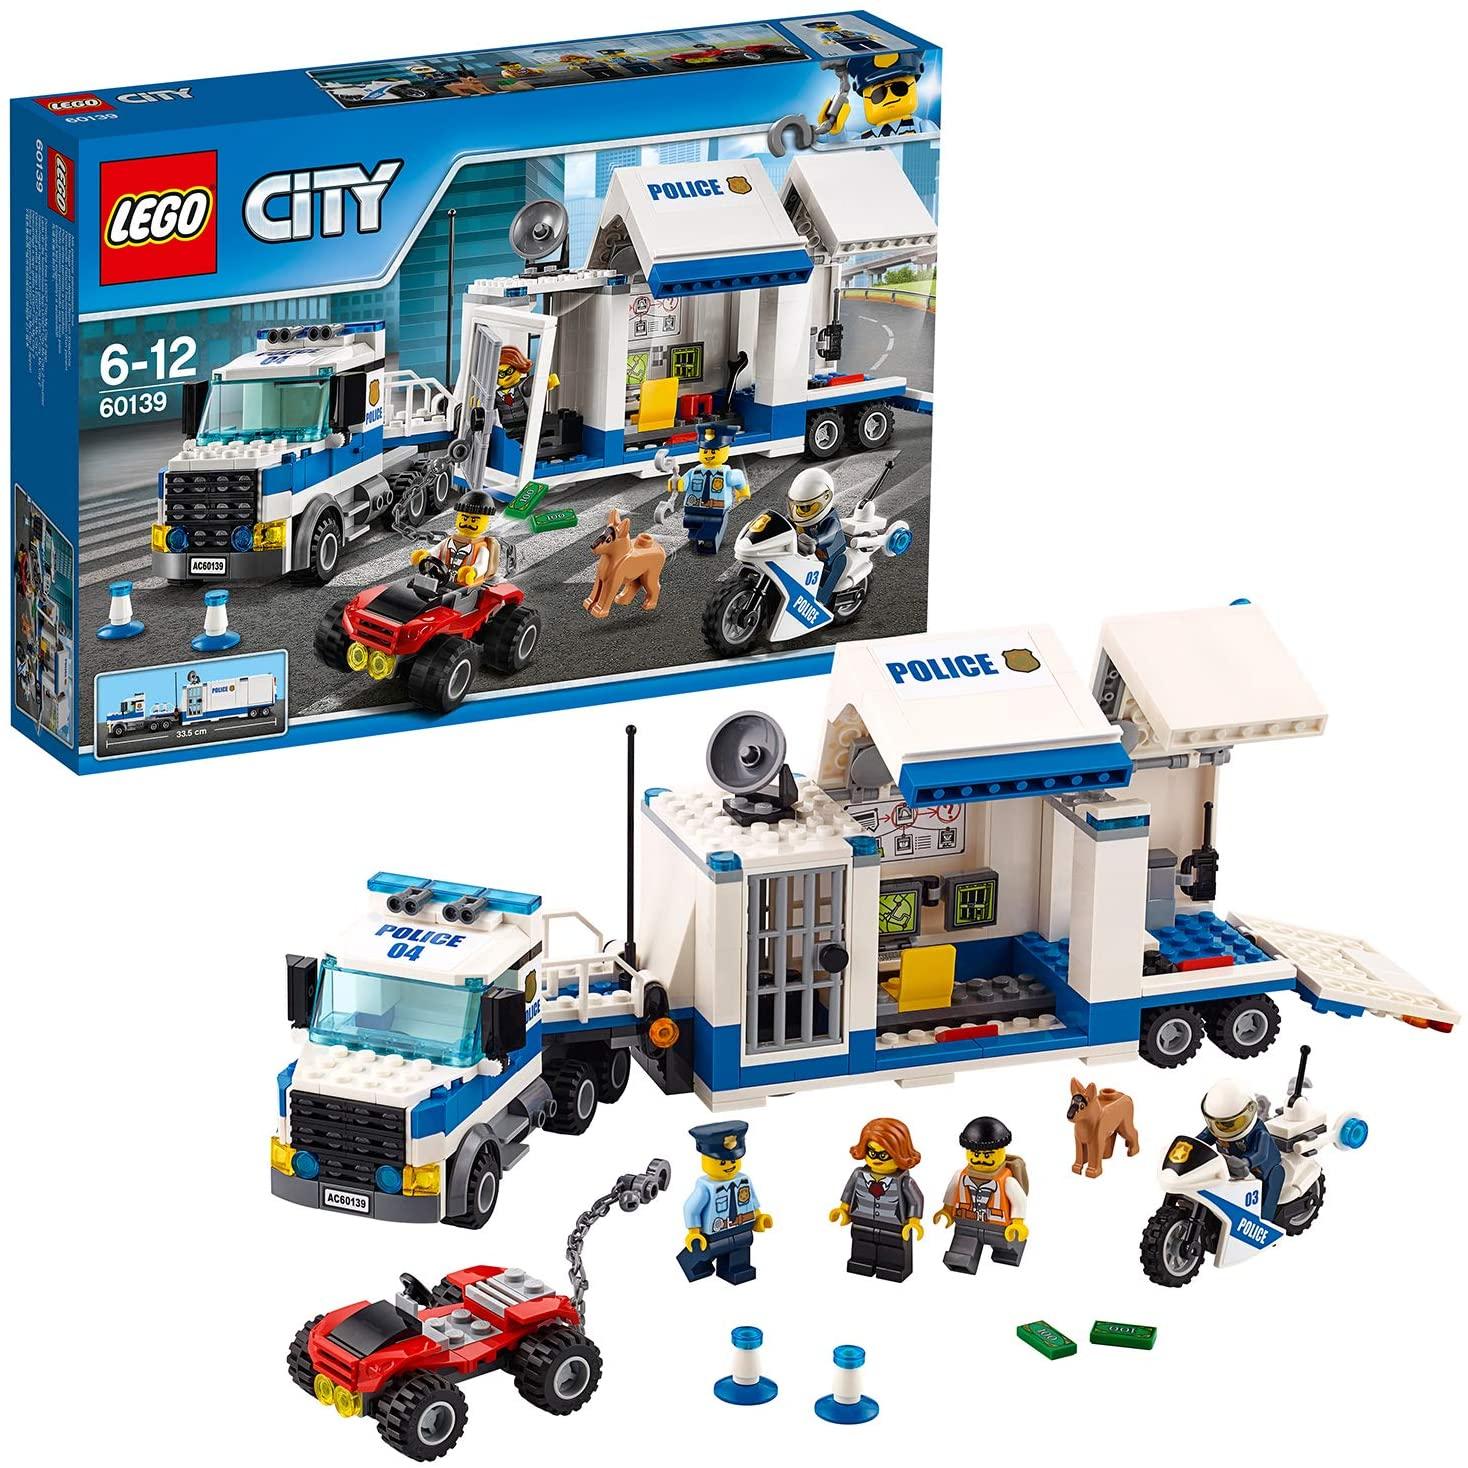 LEGO City mobiele commandocentrale 60139 @ Kruidvat